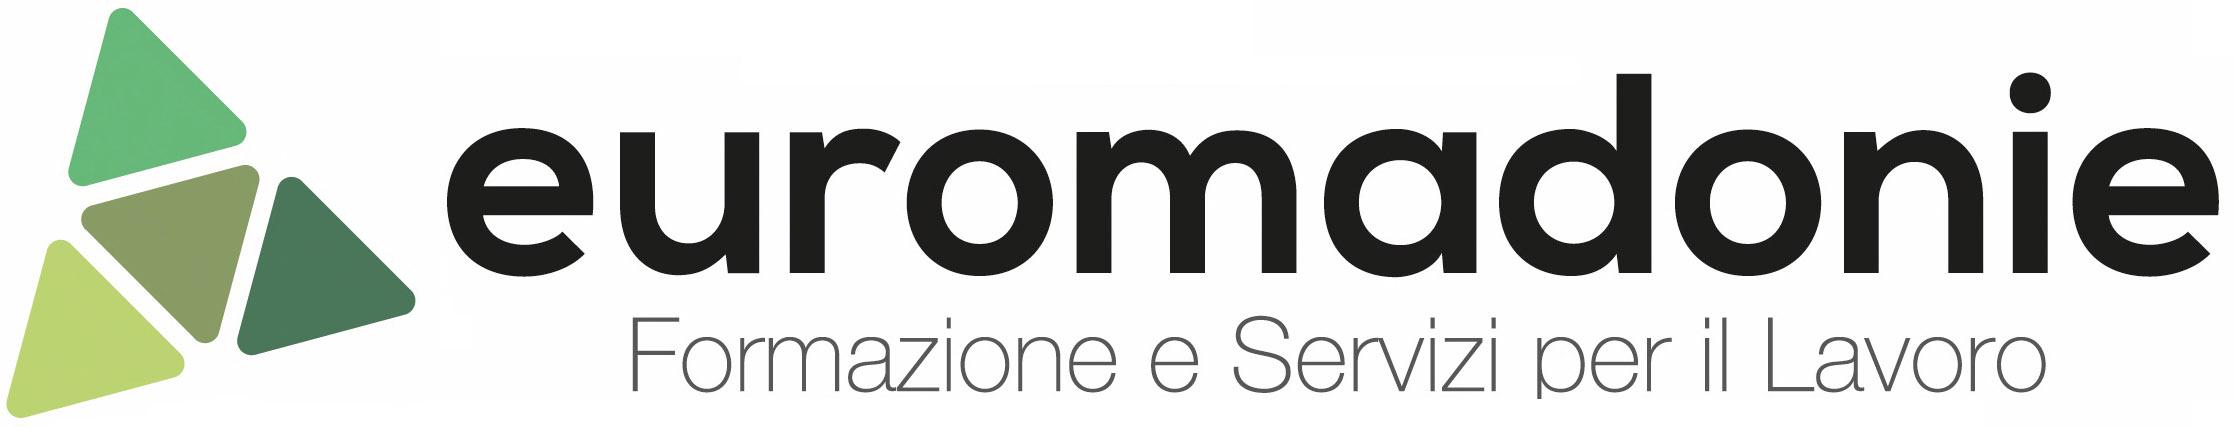 Euromadonie